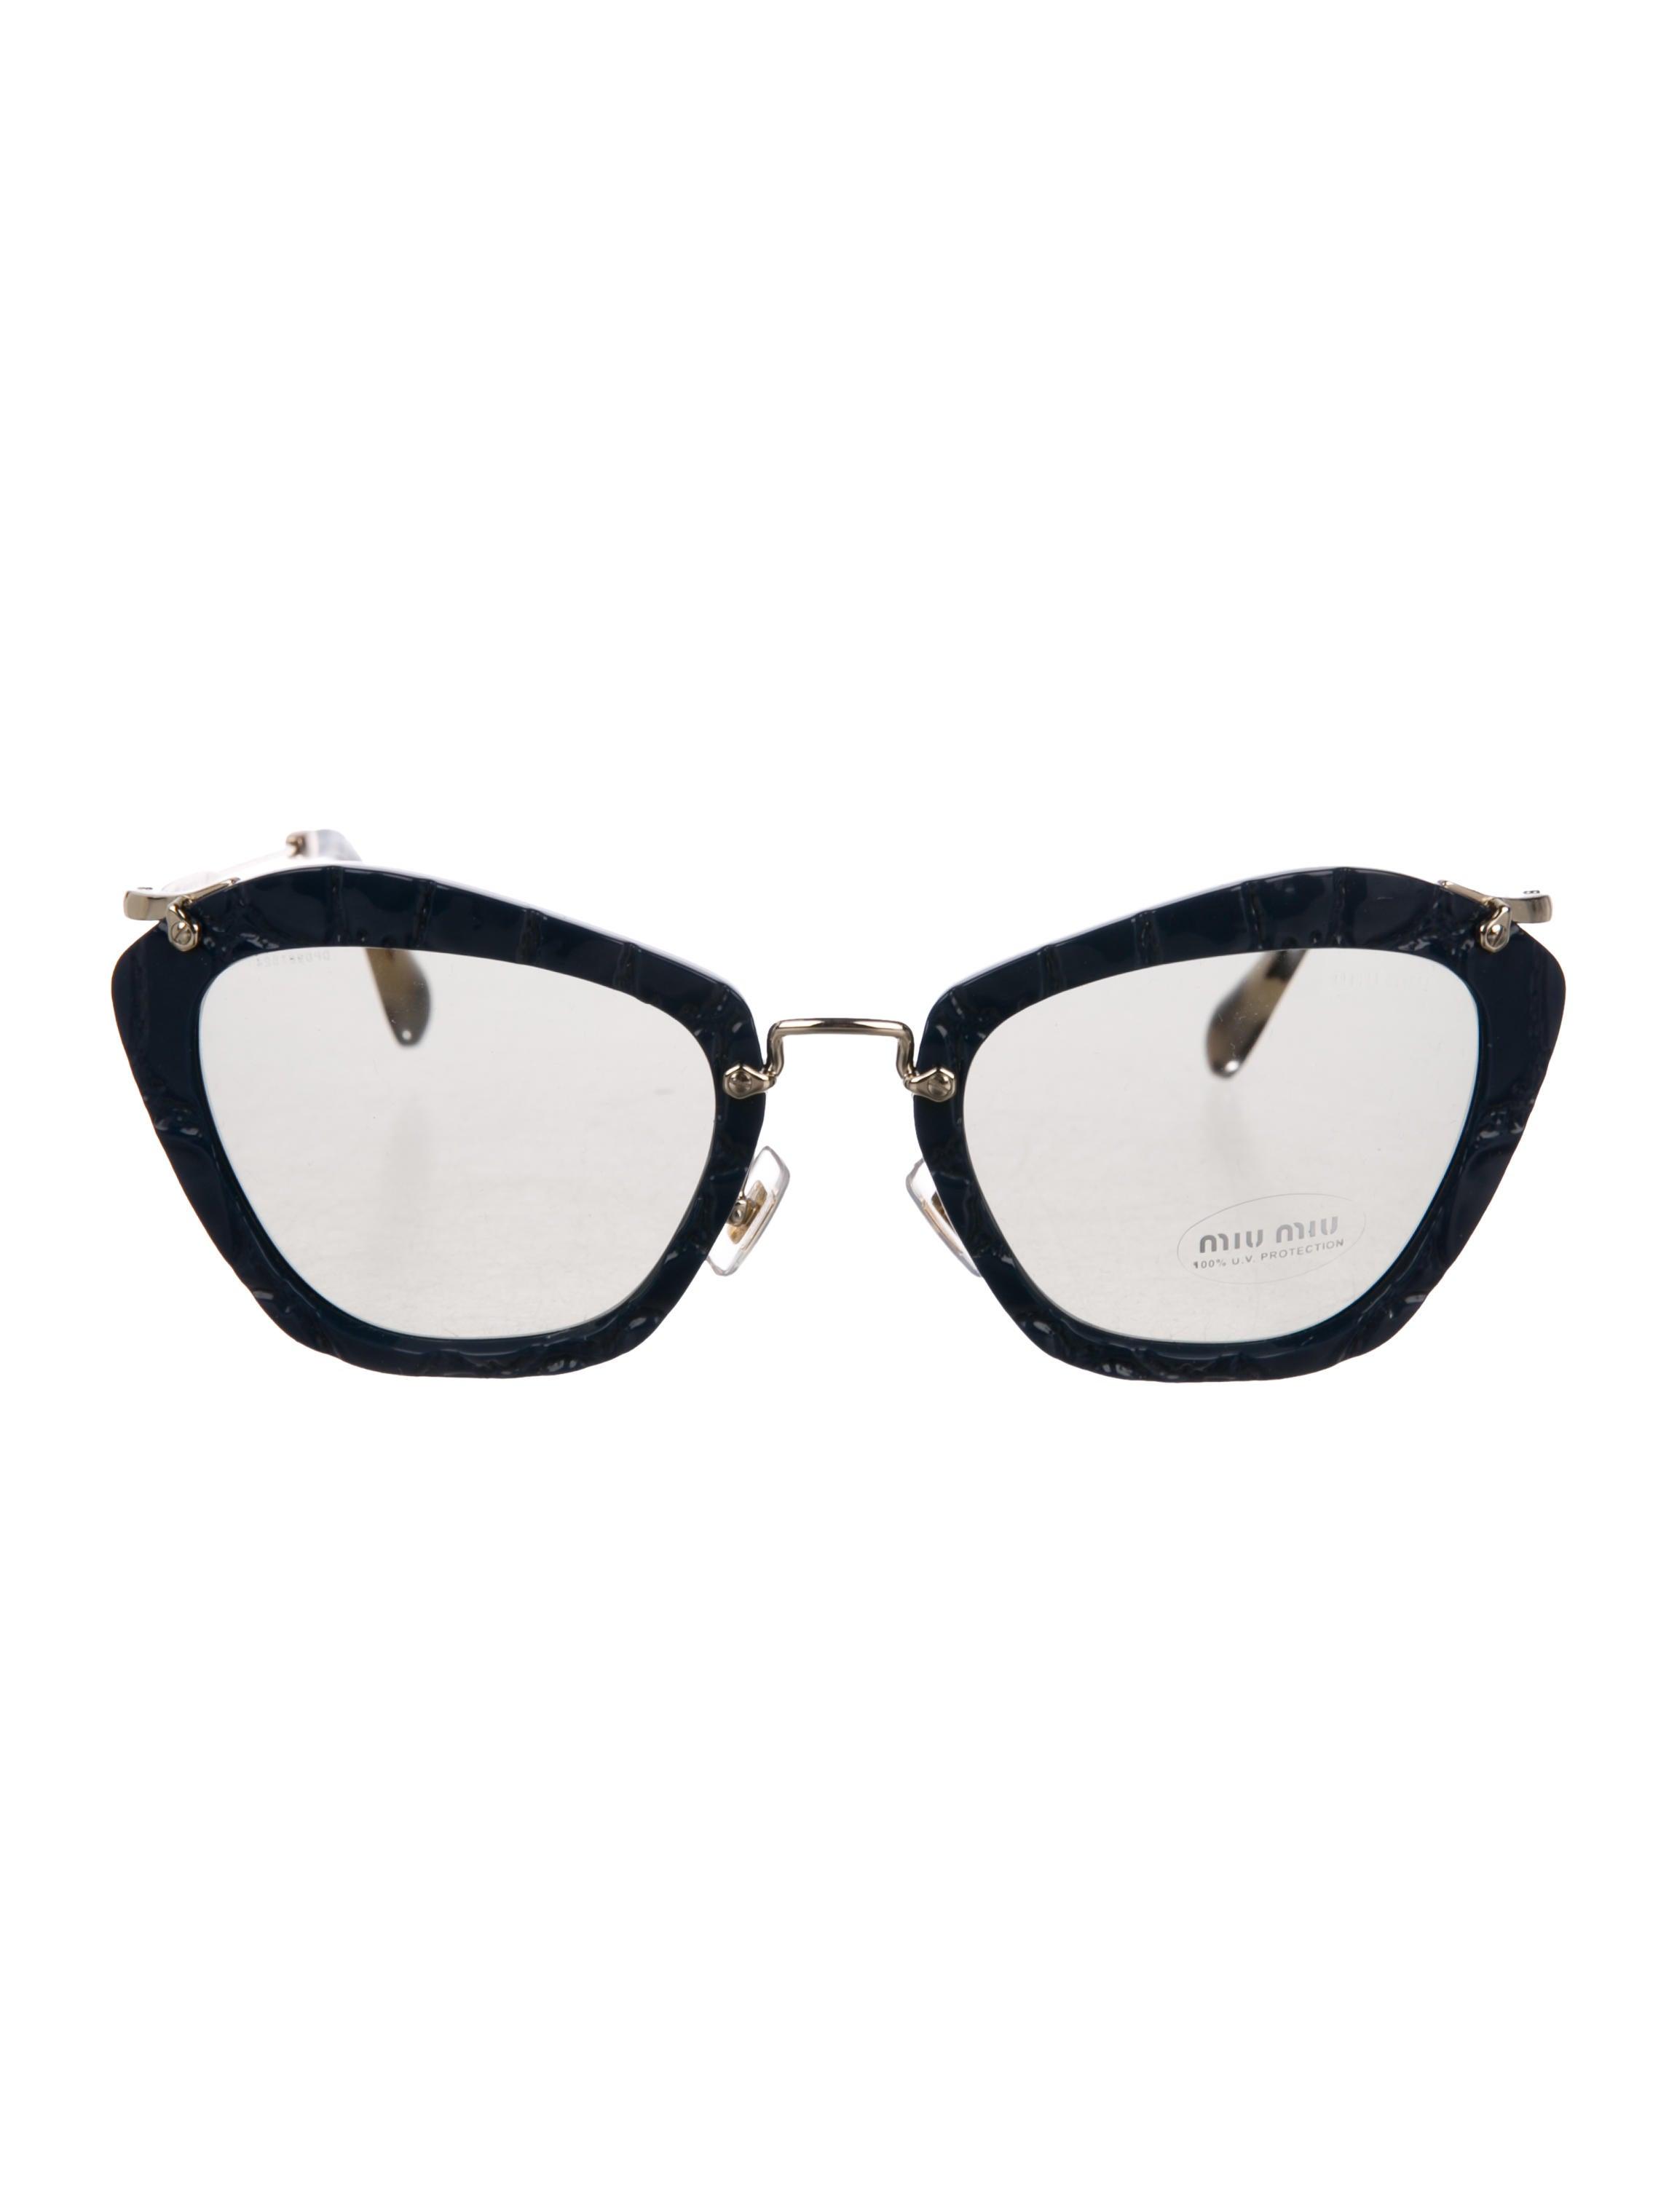 Tinted Cat Eye Sunglasses by Miu Miu